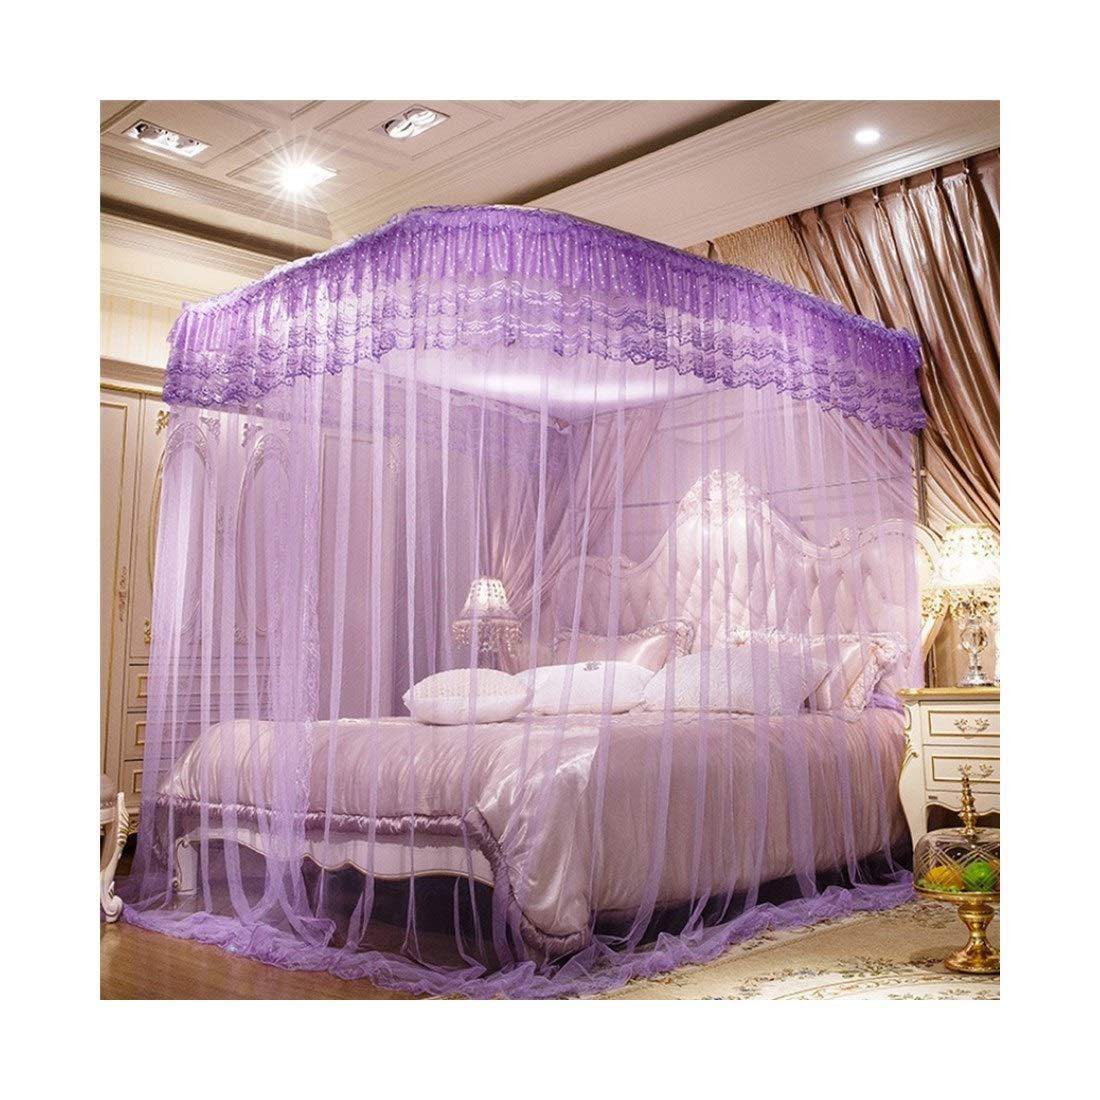 方朝日スポーツ用品店 モスキートネット3ドアモスキートネットステンレススチールベッドタイプ宮殿の蚊帳メタルジッパー寝室用 (色 : 紫の, サイズ : 150*200CM) B07SMPHVYL 紫の 150*200CM